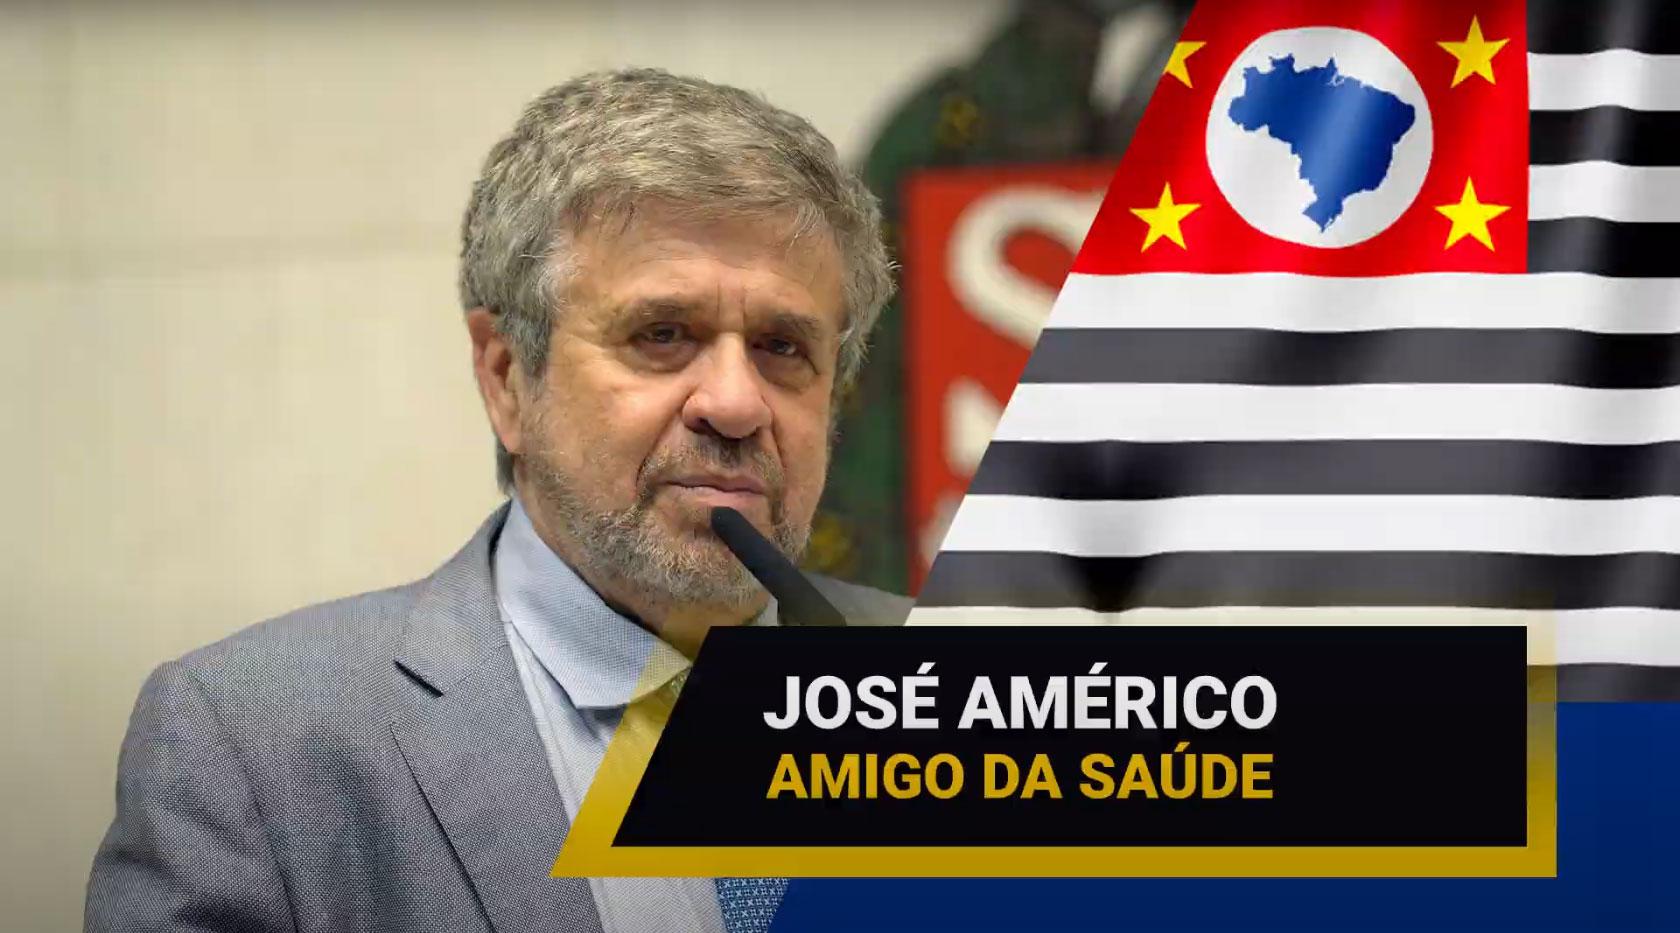 deputado-estadual-jose-americo-e-amigo-da-saude - Acao Comunicativa